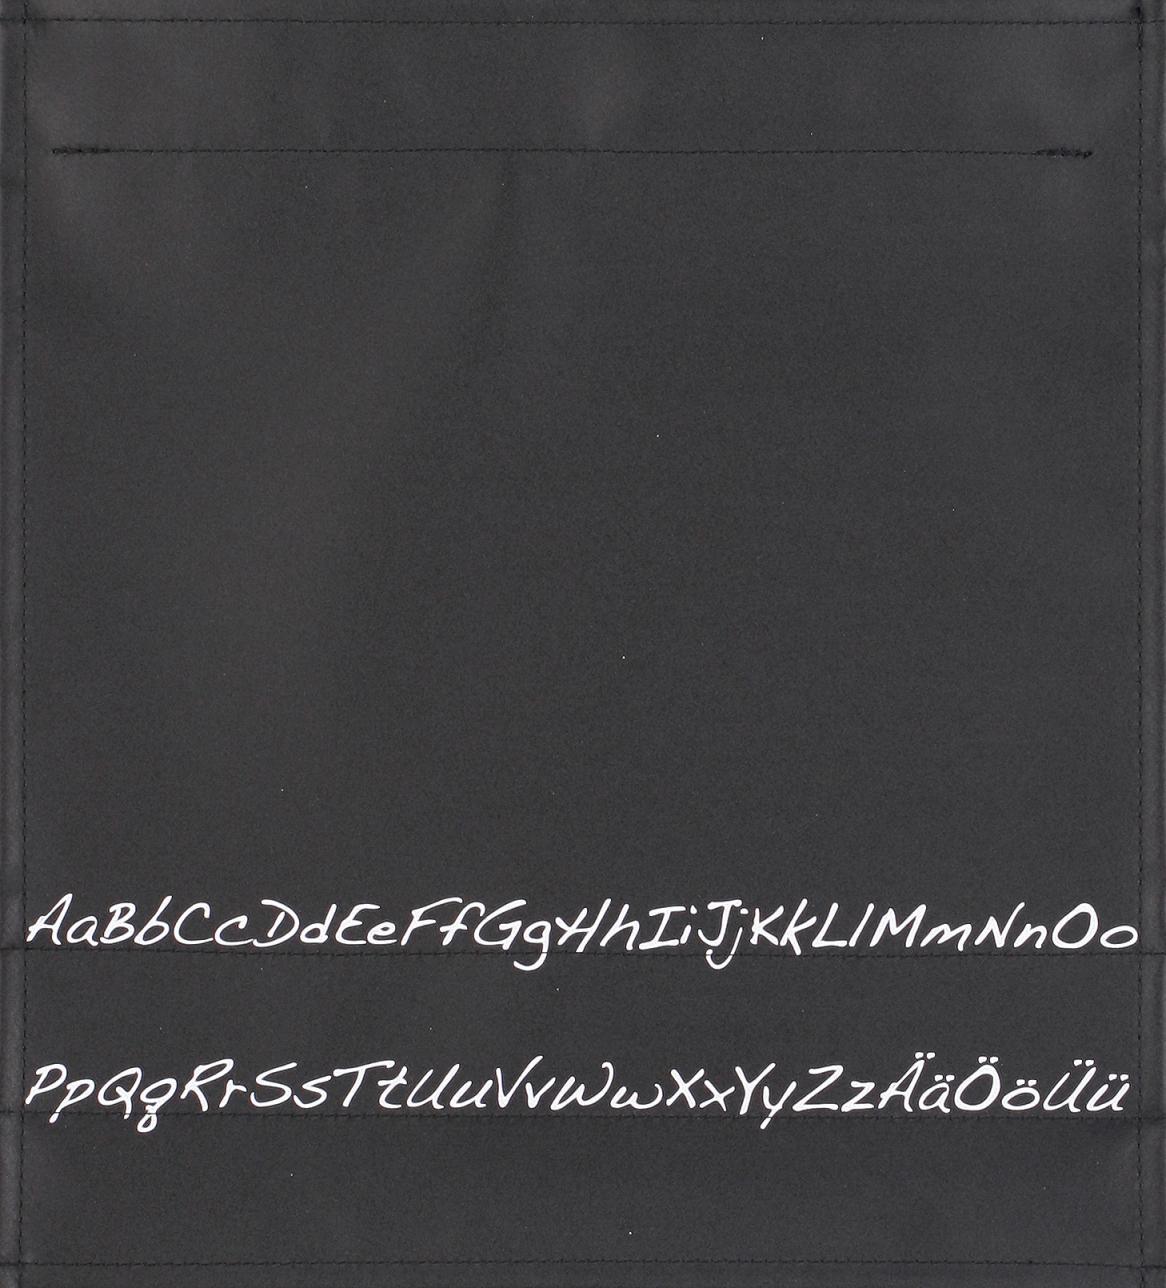 Alphabet schwarz/weiß (mittel)